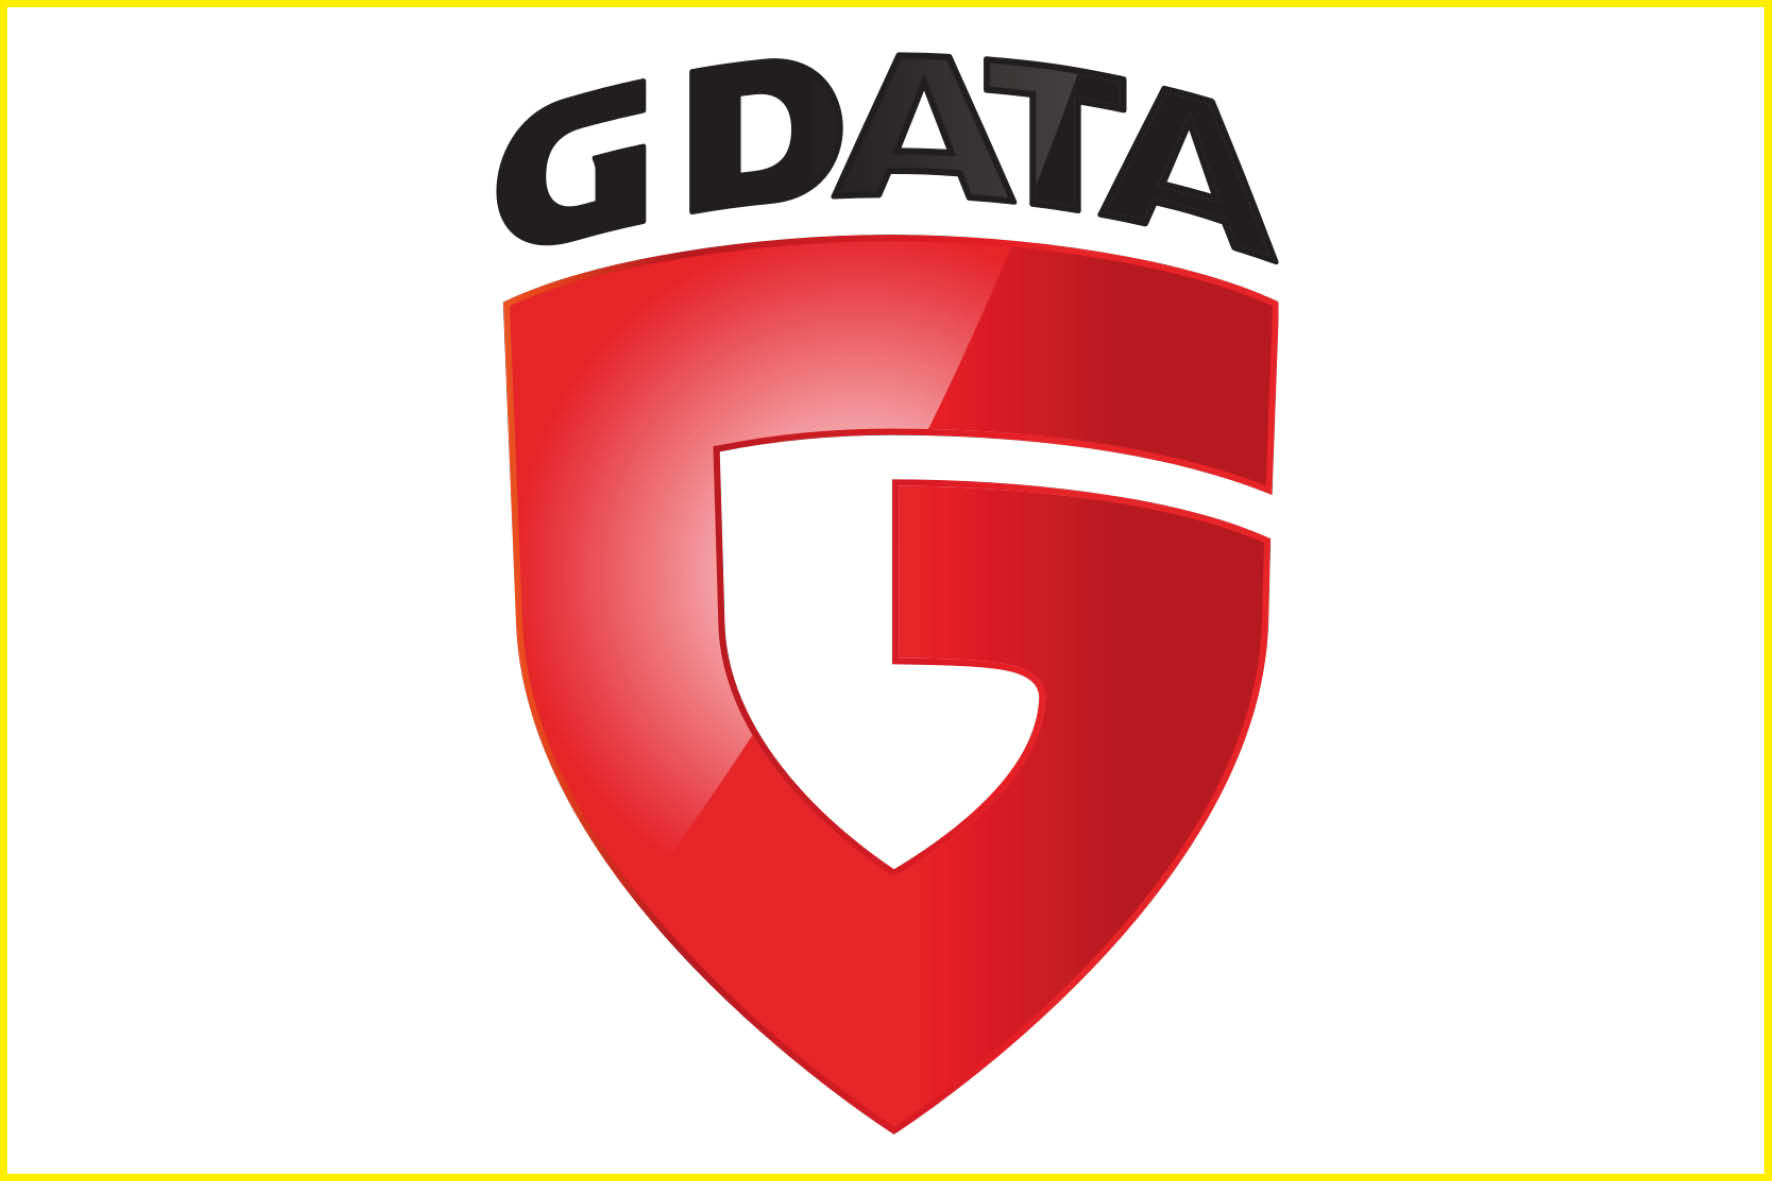 mark-com-event-gdata